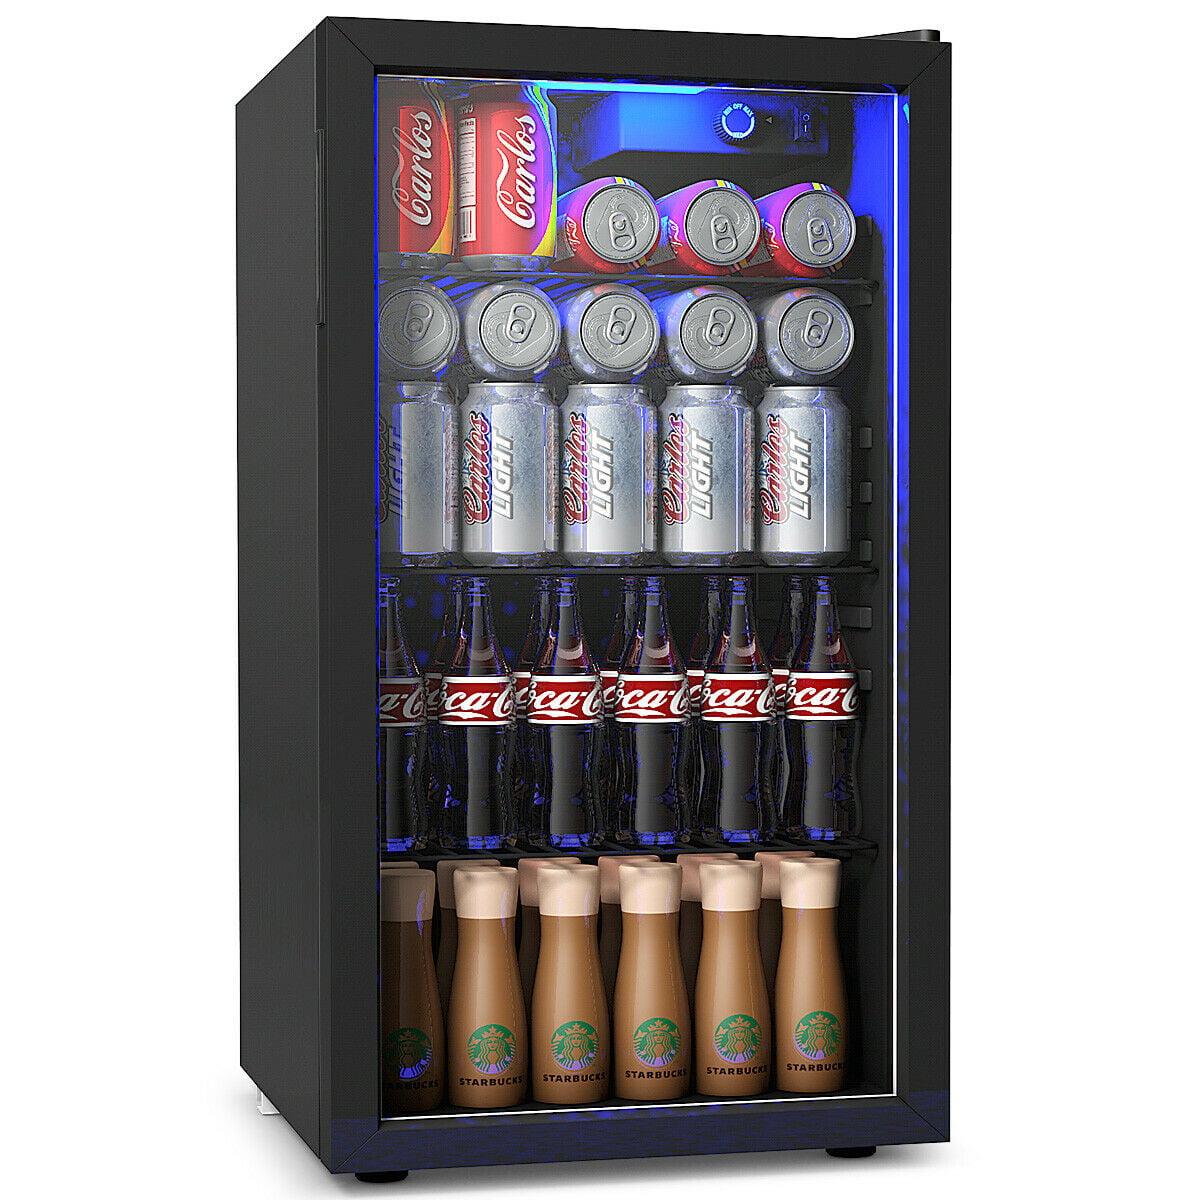 Gymax 120 Can Beverage Refrigerator Beer Wine Soda Drink Cooler Mini Fridge Glass Door Walmart Com Walmart Com